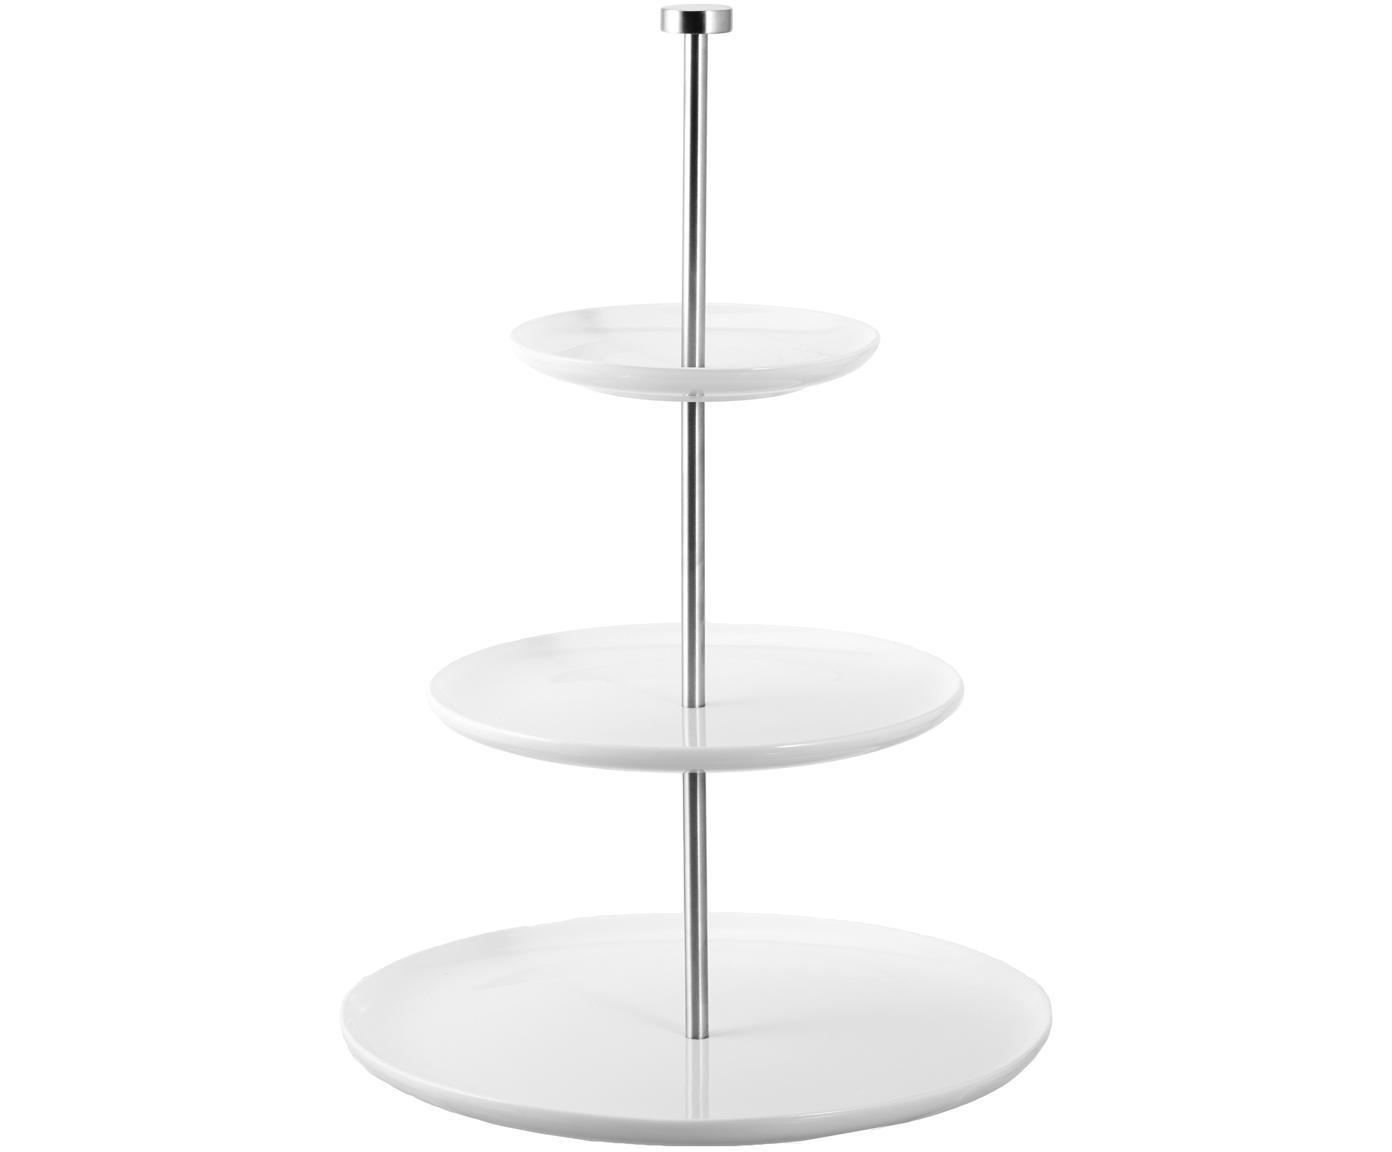 Etagère Karo, Keramiek, metaal, Wit, Ø 30 x H 47 cm